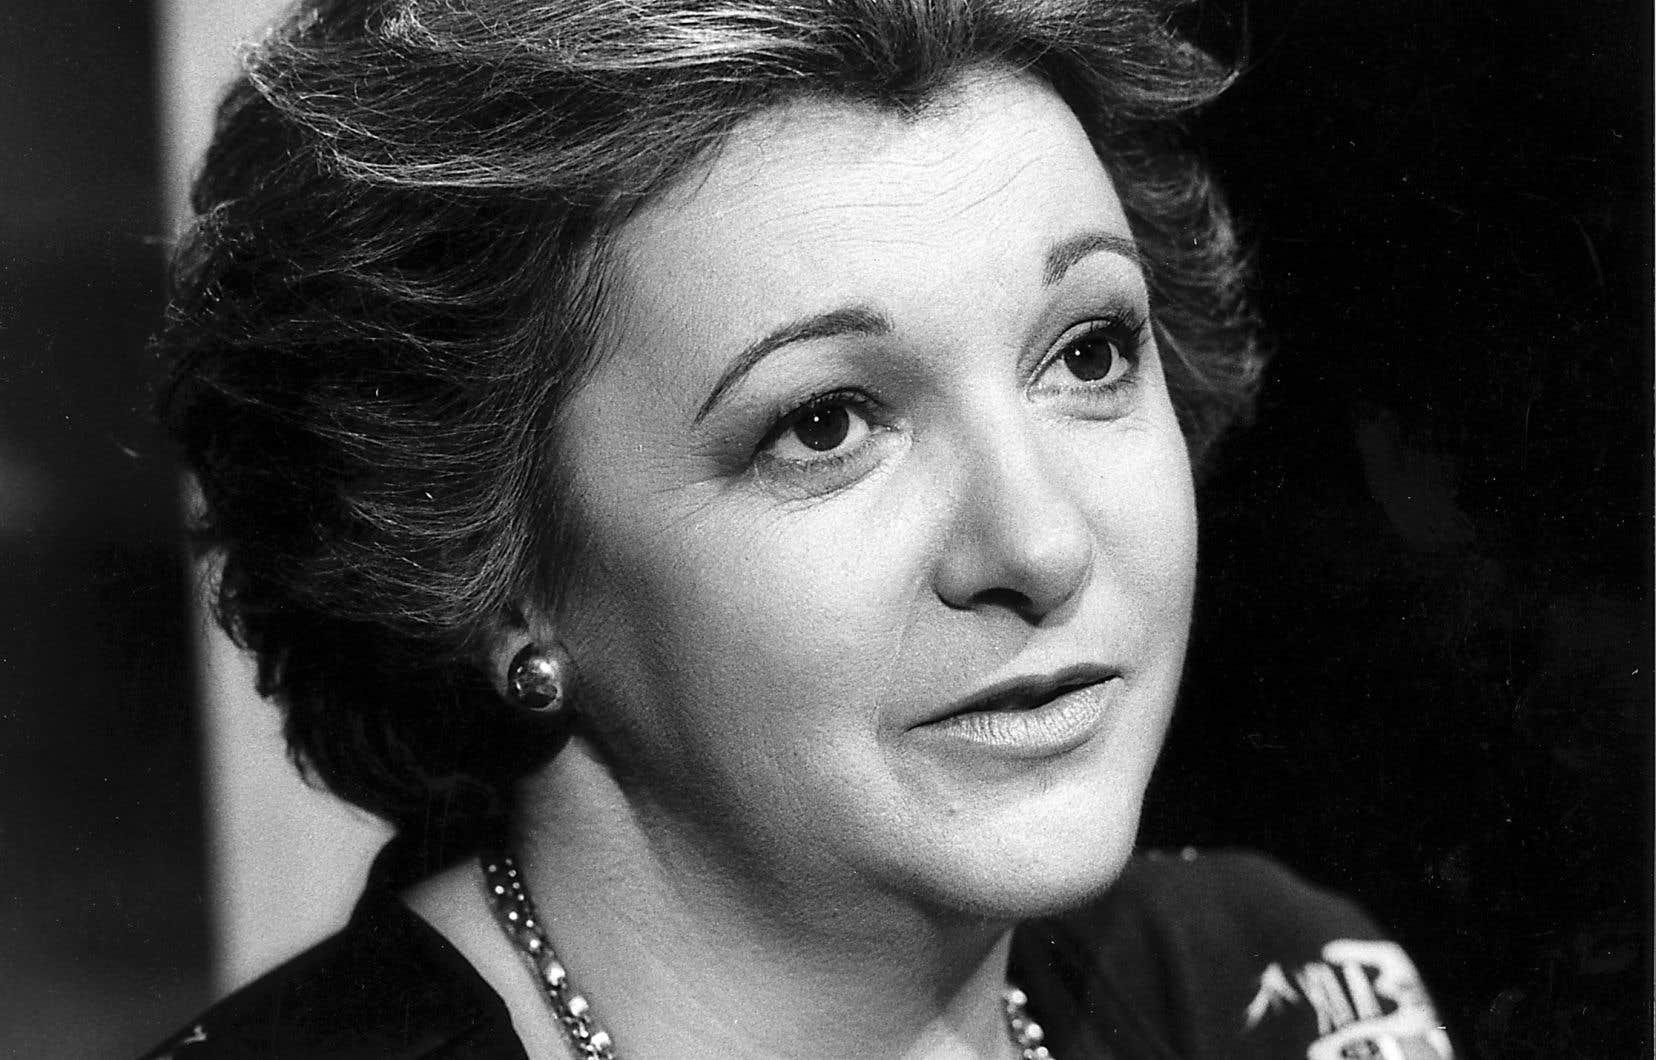 Lise Payette est décédée il y a une semaine. Les hommages à cette grande féministe ont été nombreux. Il manquait toutefois une voix à ce concert d'éloges, celle de la Fédération des femmes du Québec, qui a finalement rompu le silence jeudi.